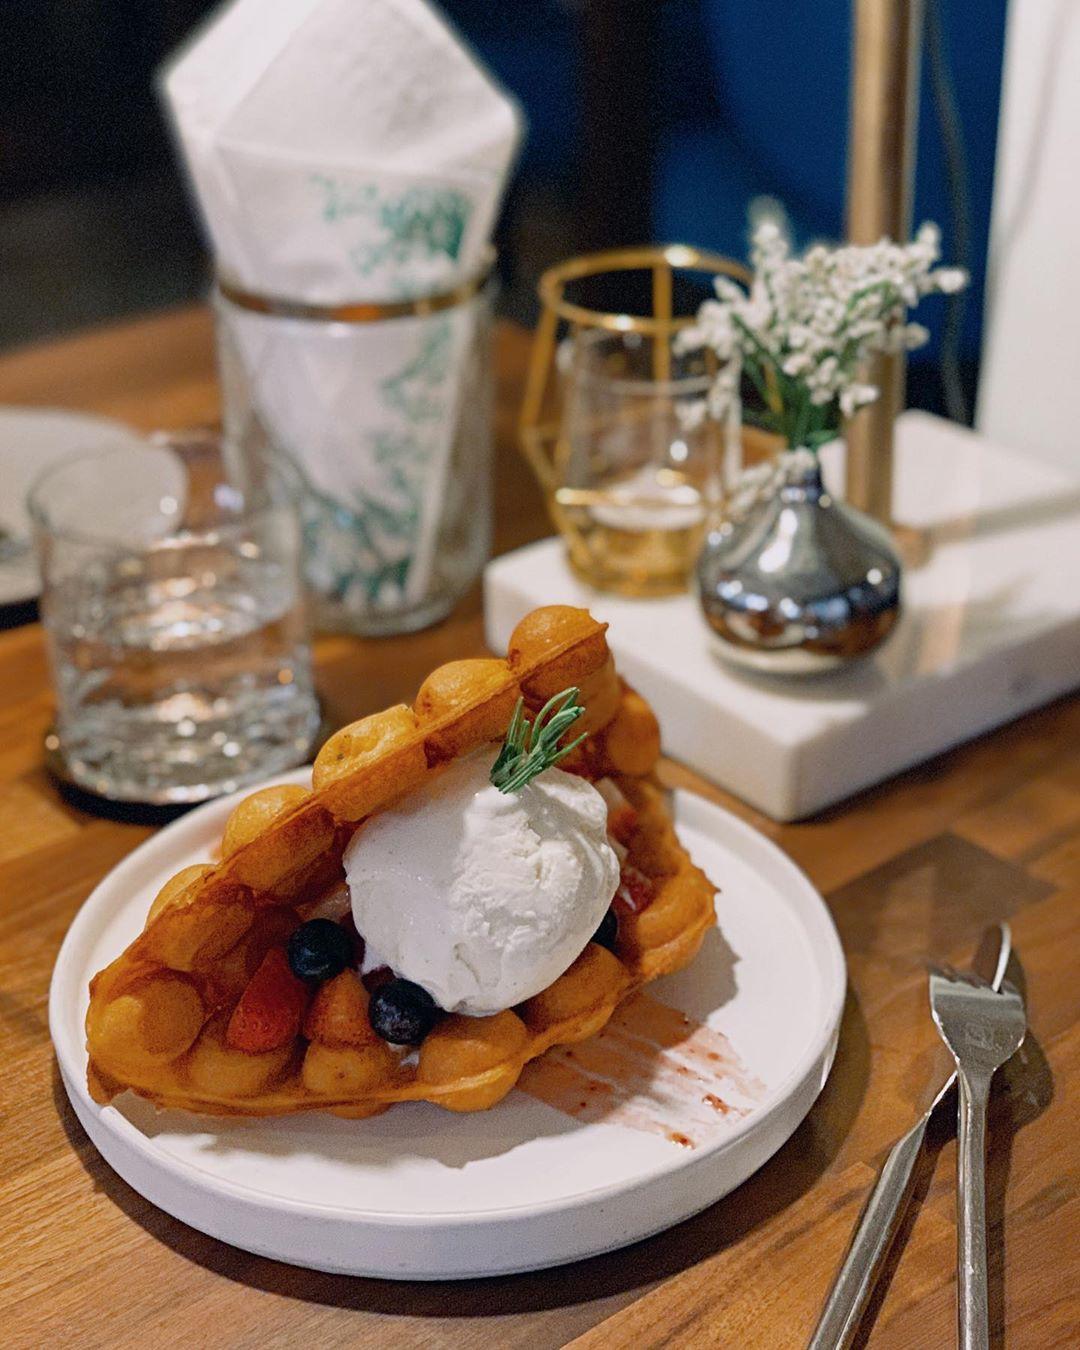 Nằm lòng 7 món ăn vặt siêu hấp dẫn cho team du lịch quét sập Hong Kong - Ảnh 3.